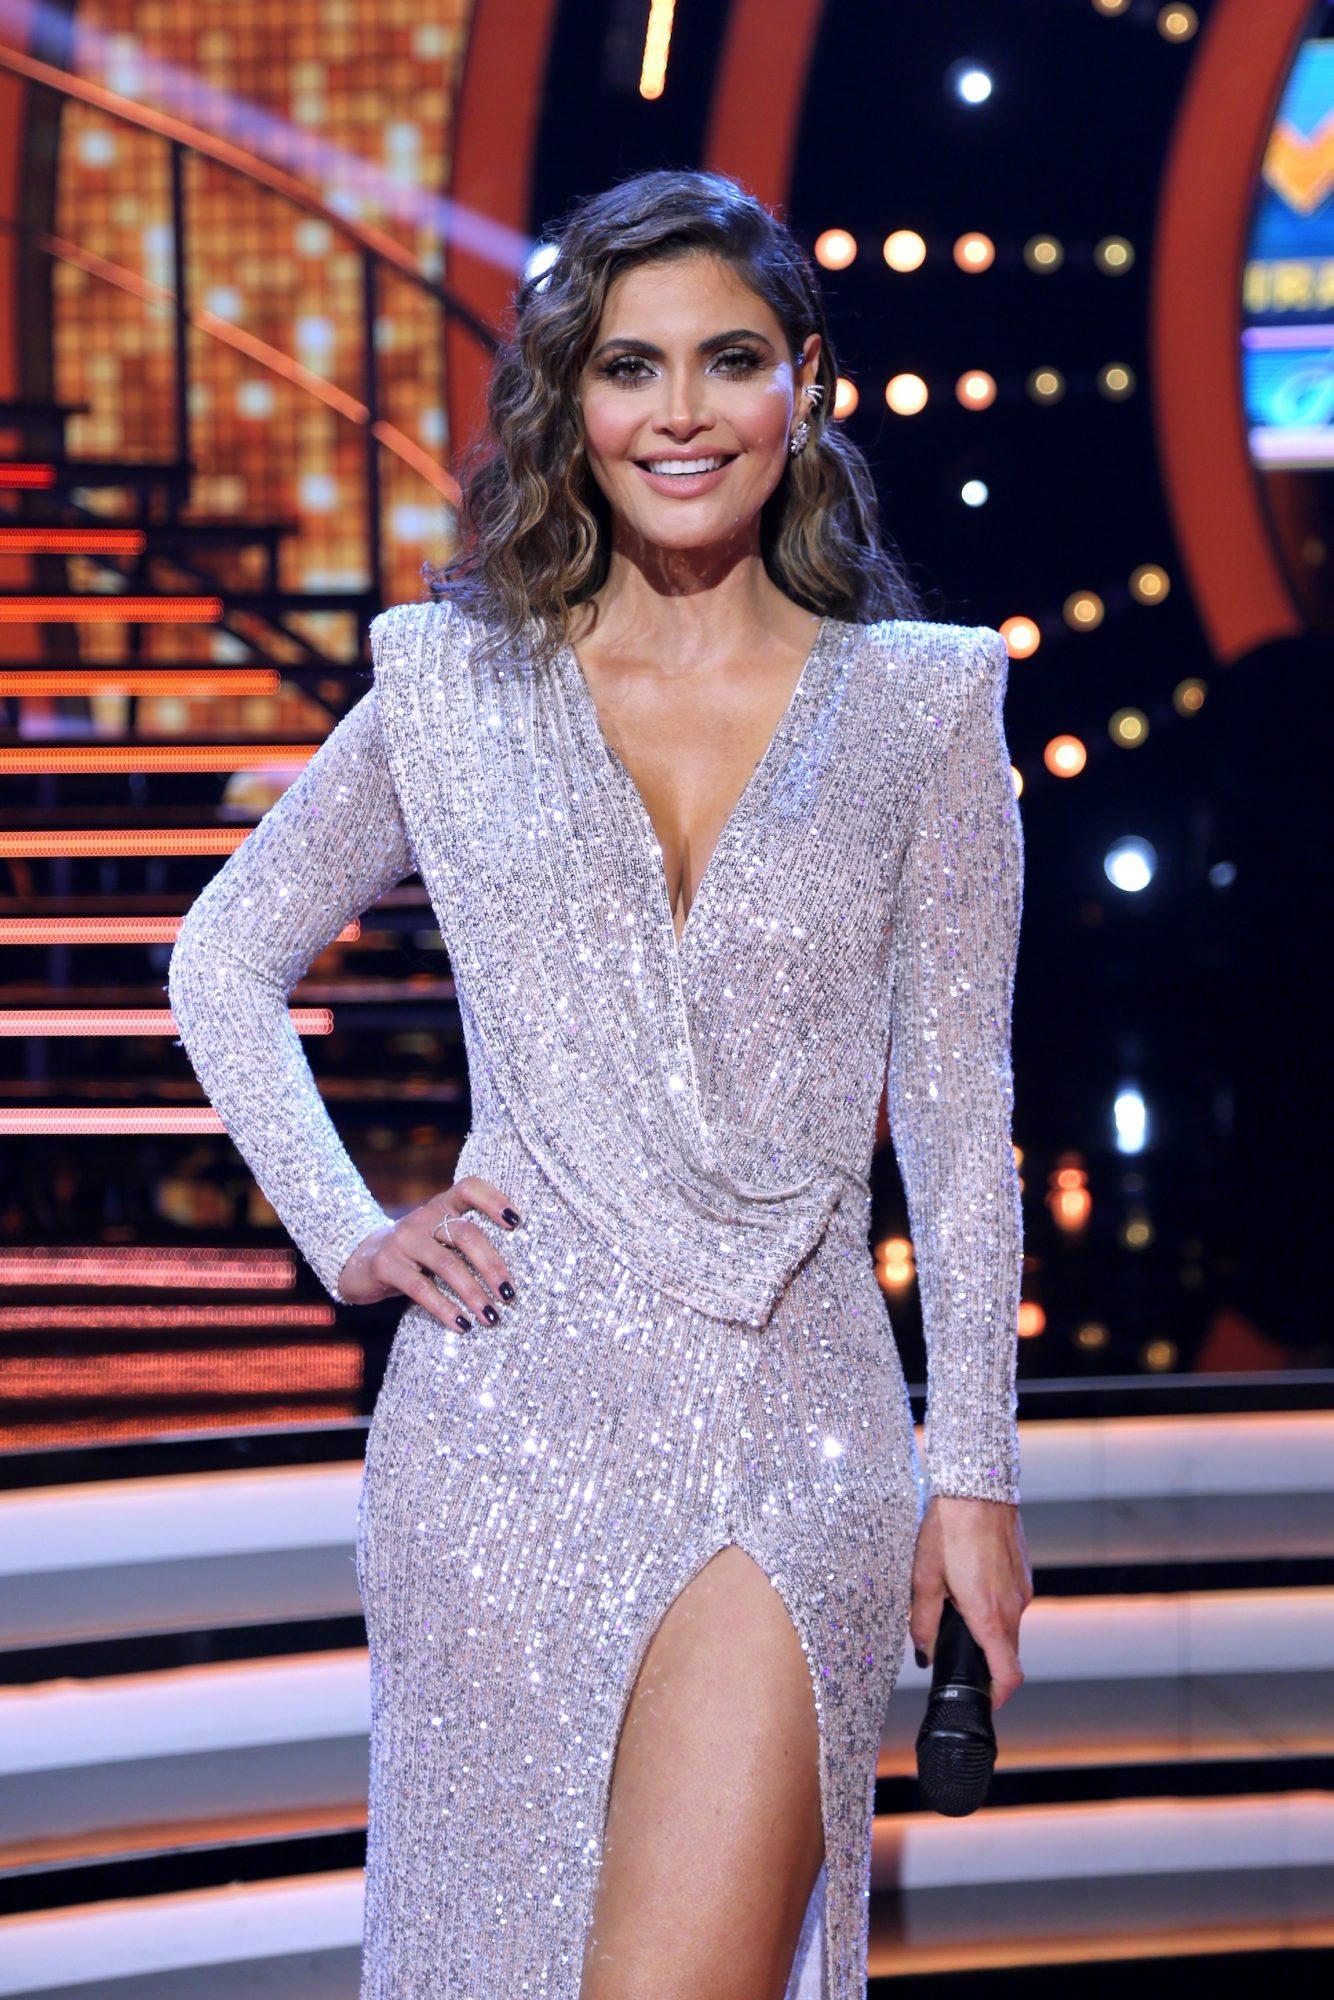 Chiquinquirá Delgado, mira quien baila, maquillaje